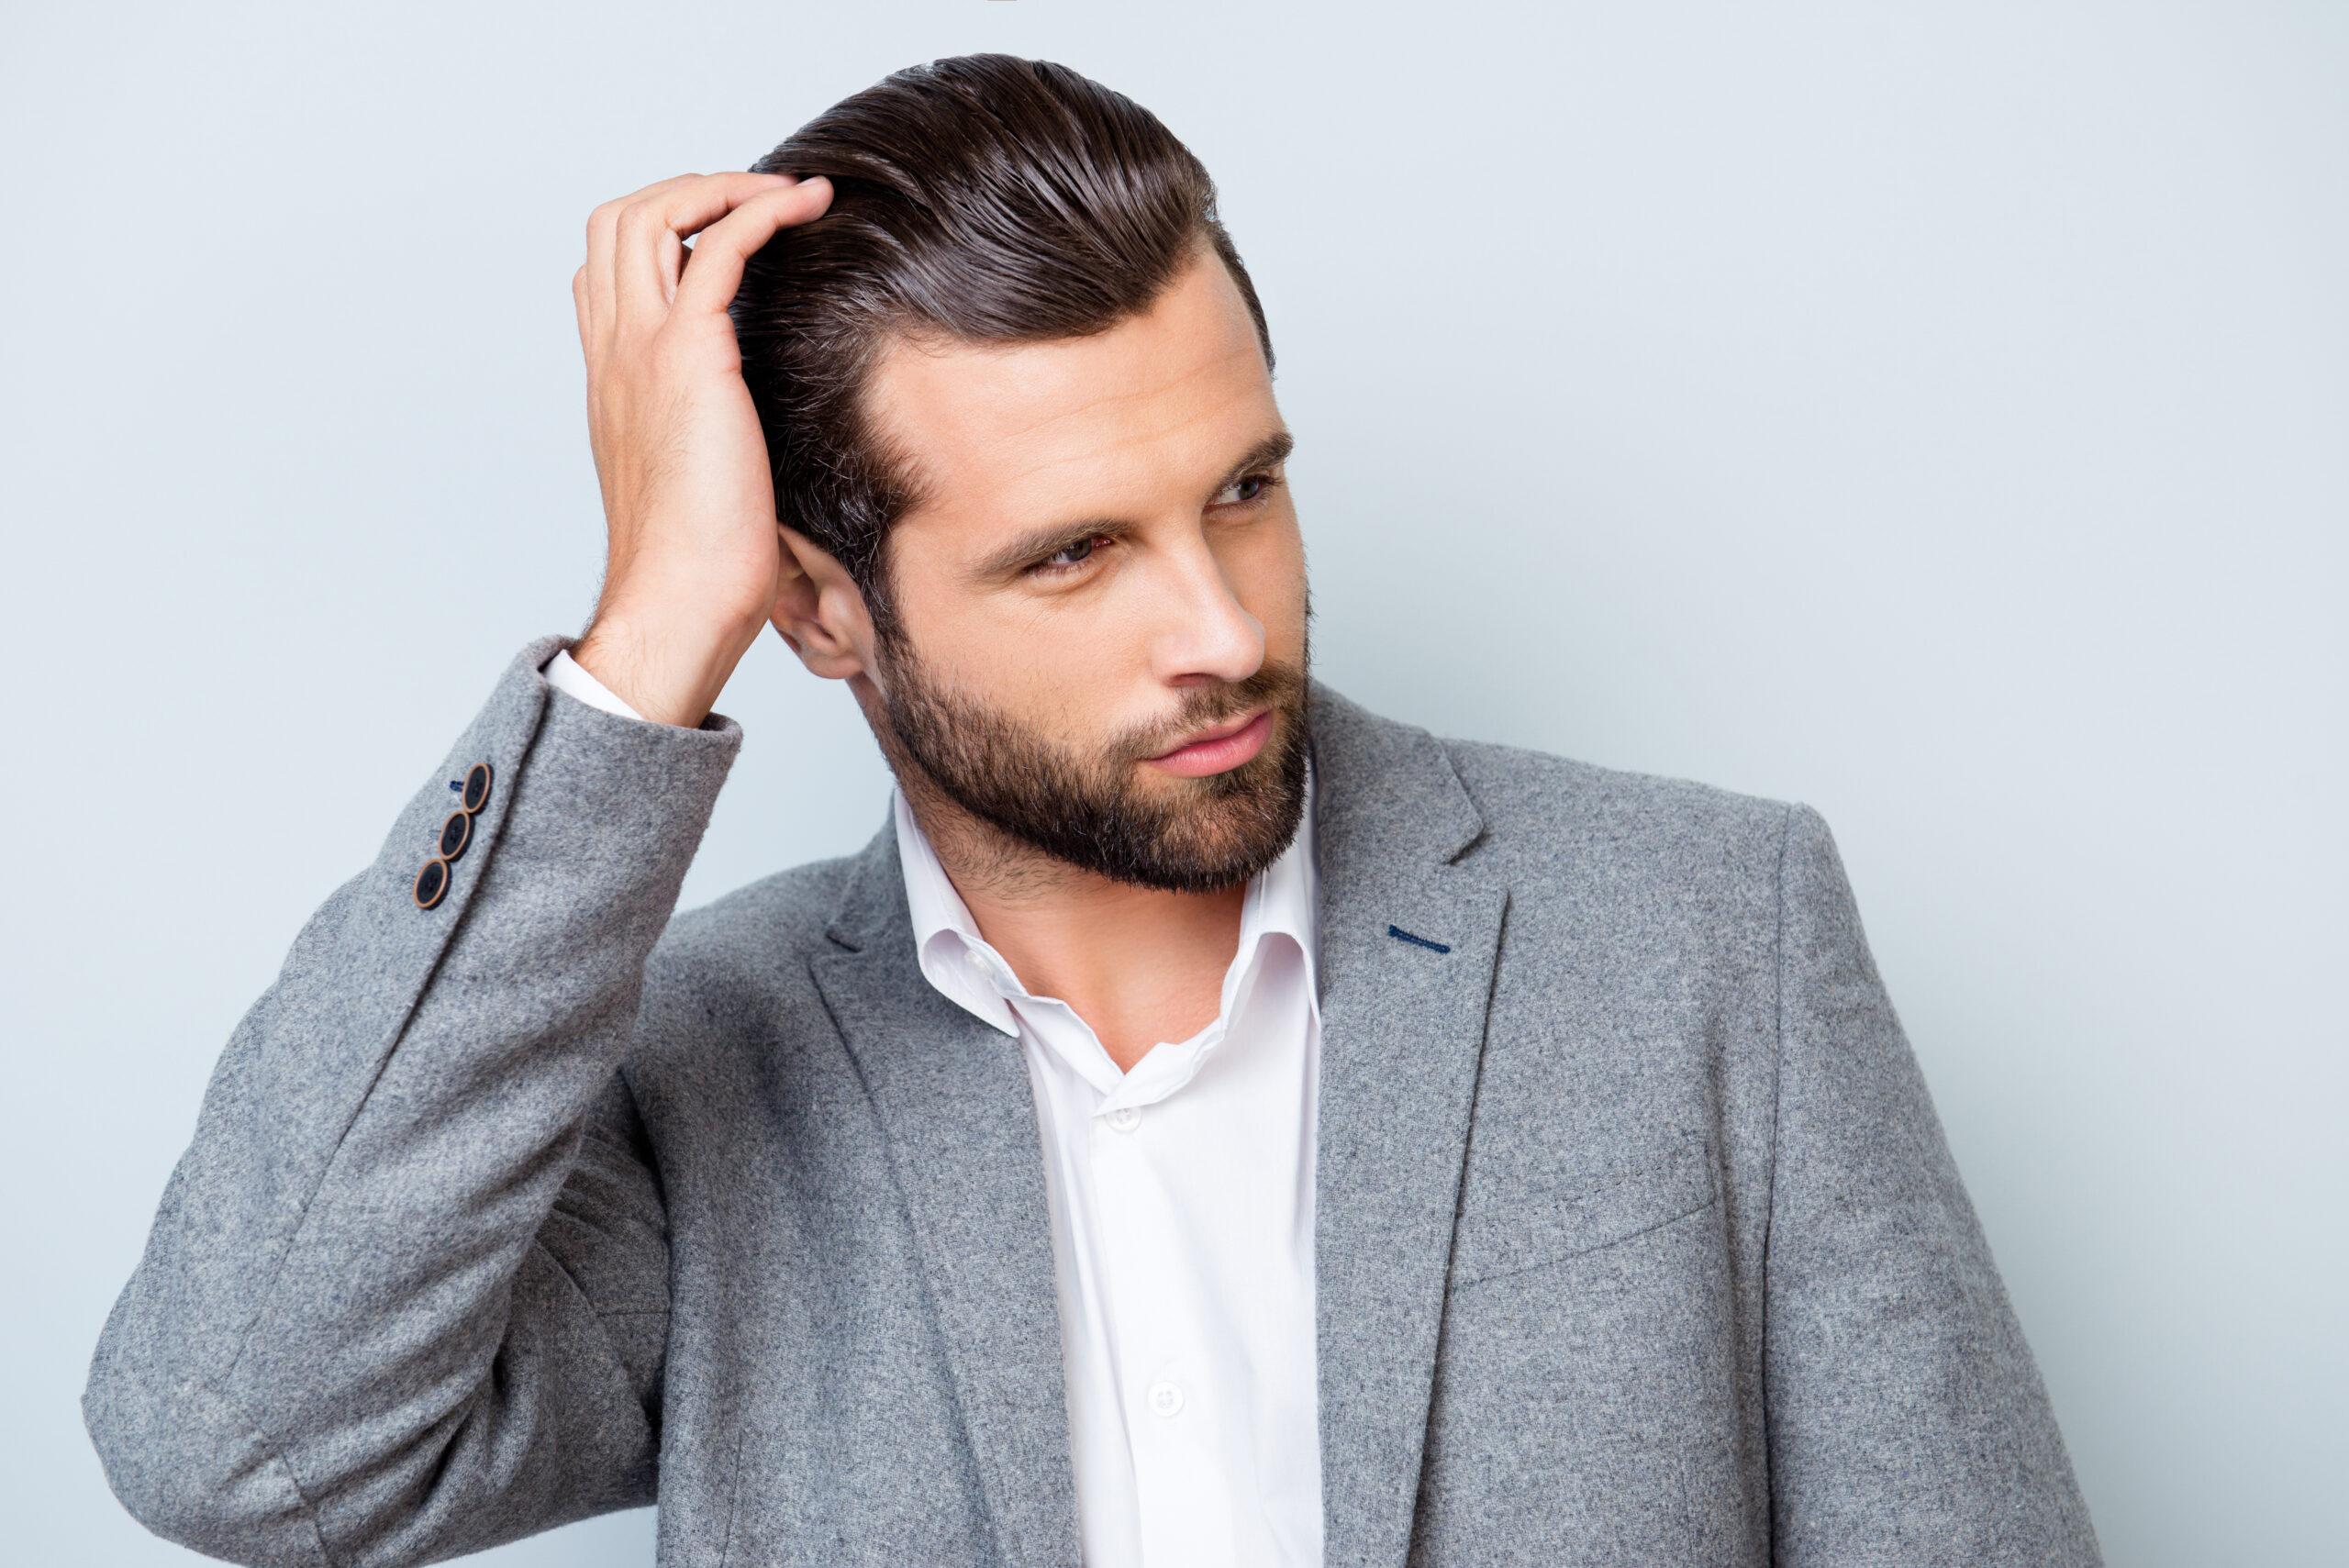 Λεπτά και εύθραυστα μαλλιά: πώς να τα φροντίζετε (συμβουλές και θεραπείες)